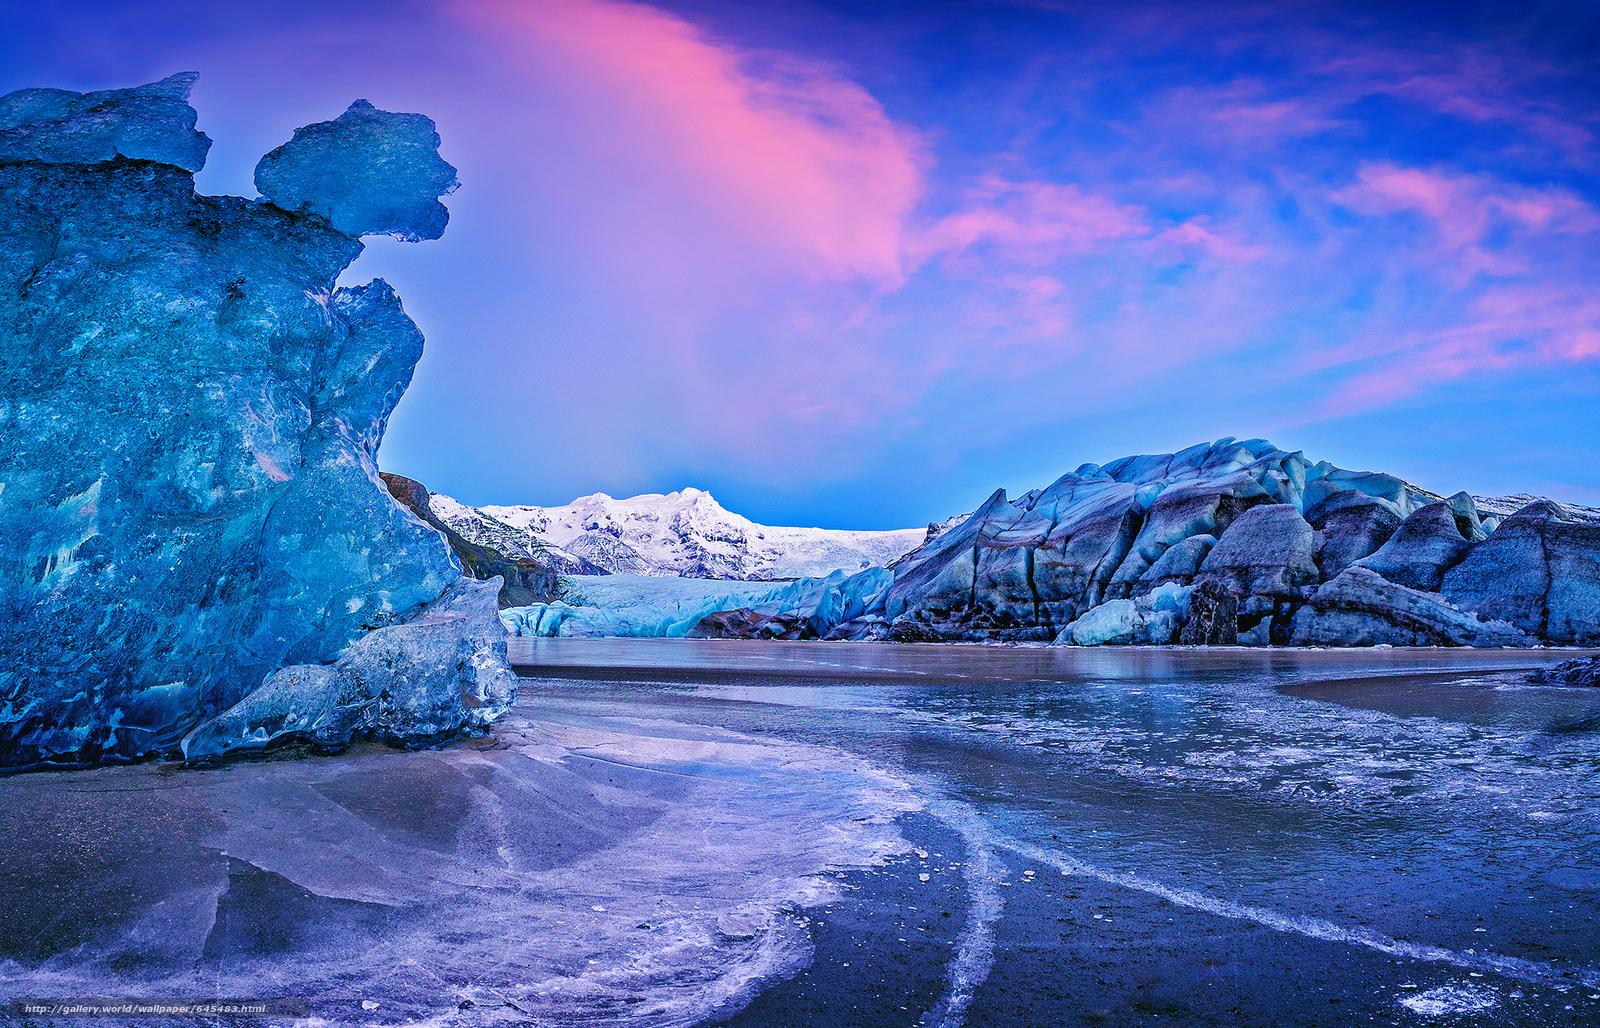 下载壁纸 瓦特纳冰原,  奥斯特,Skaftafellssysla,  冰岛,  瓦特纳冰原冰川 免费为您的桌面分辨率的壁纸 2048x1316 — 图片 №645483